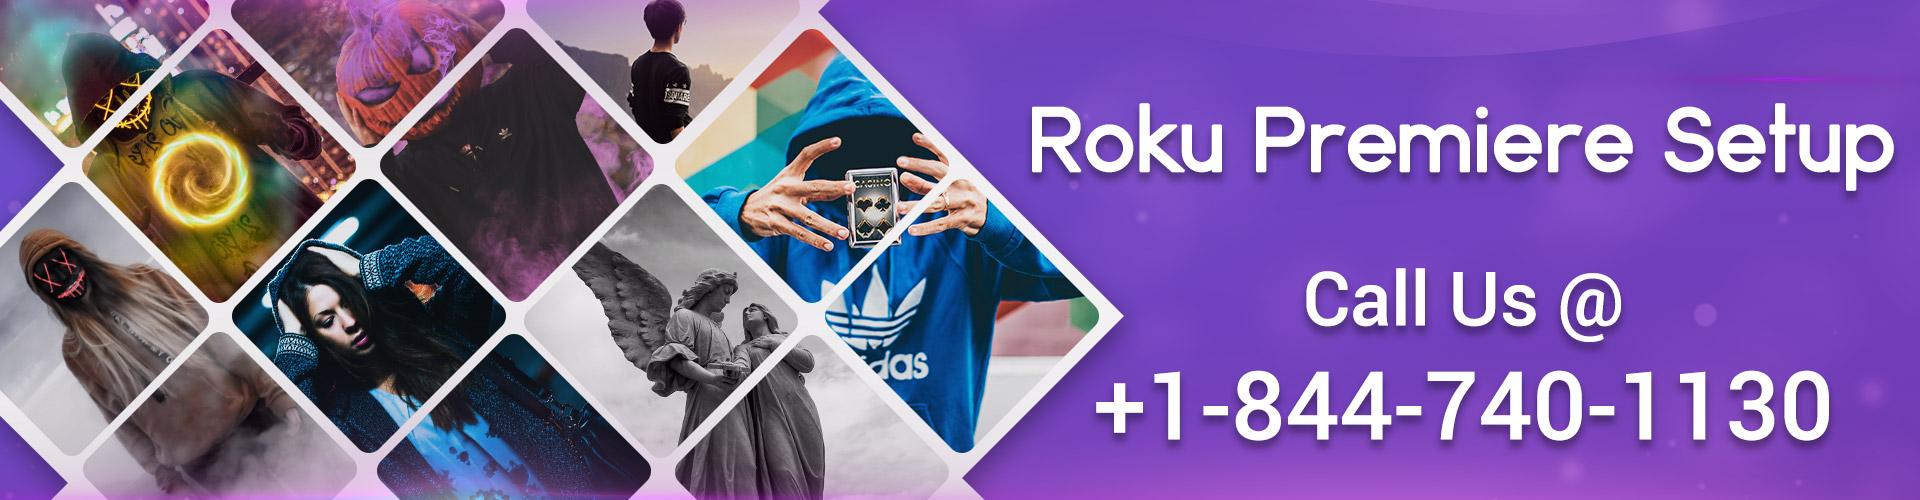 Go Roku Com Premiere image 1